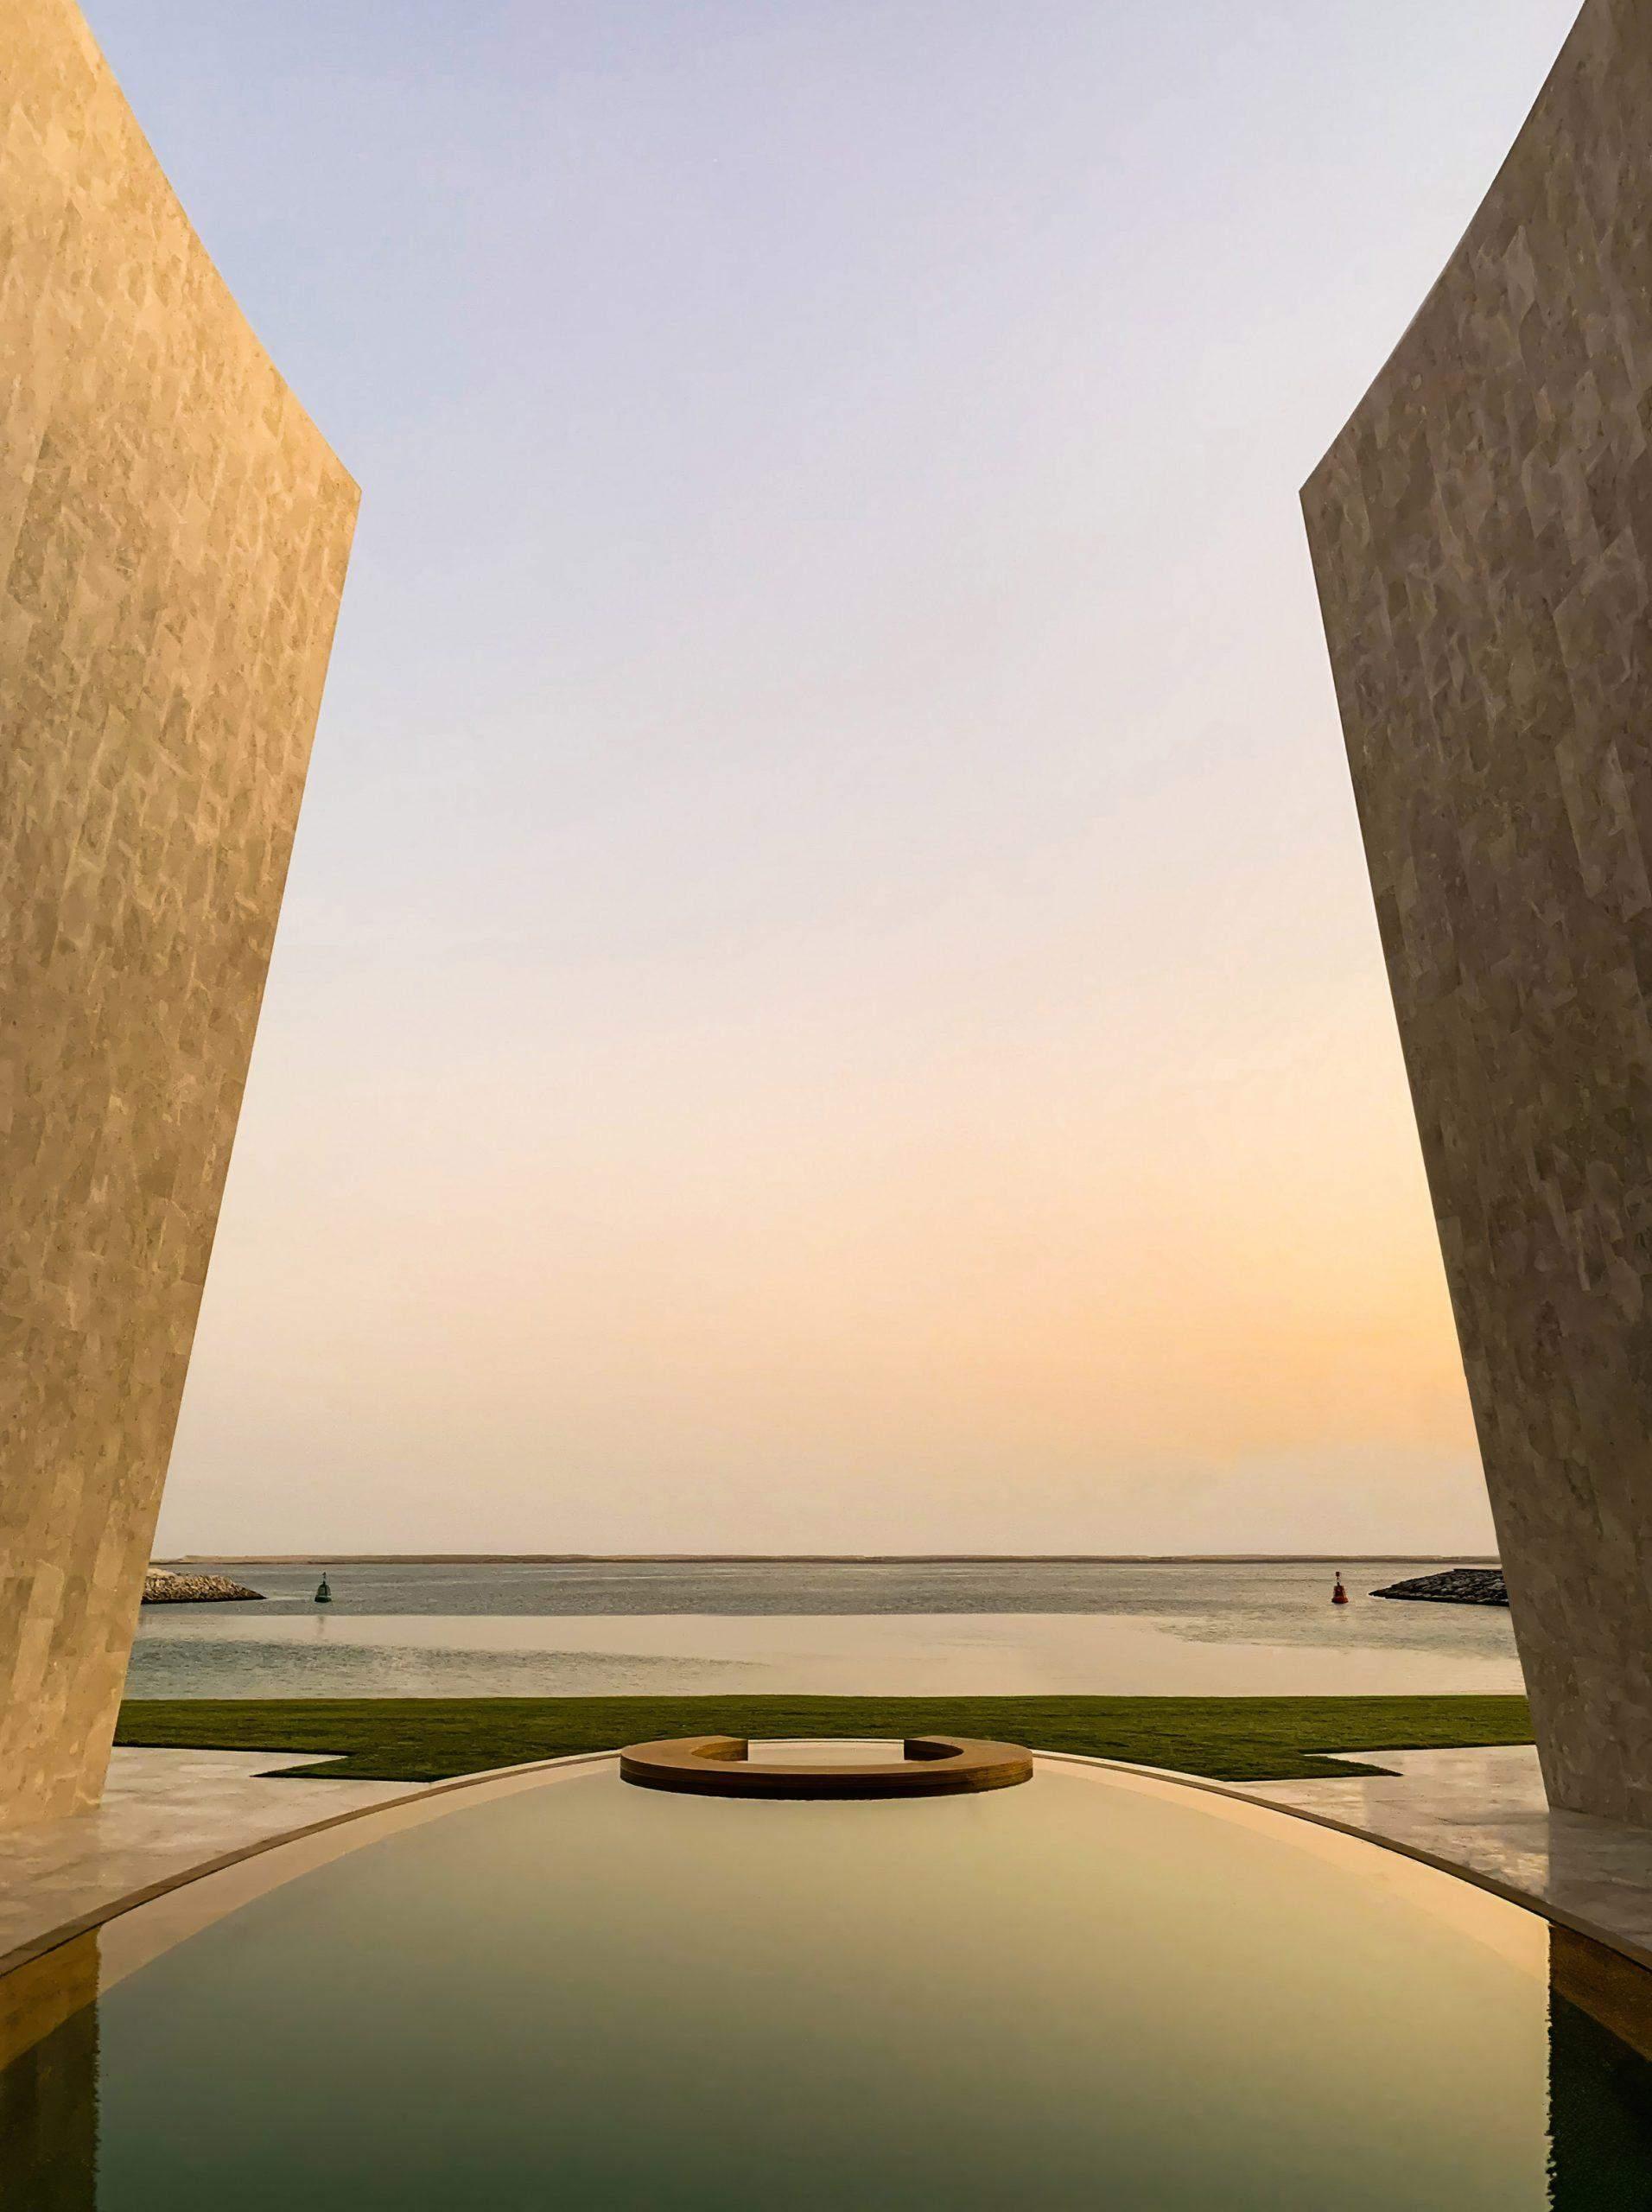 Бассейн отражает архитектурные формы виллы